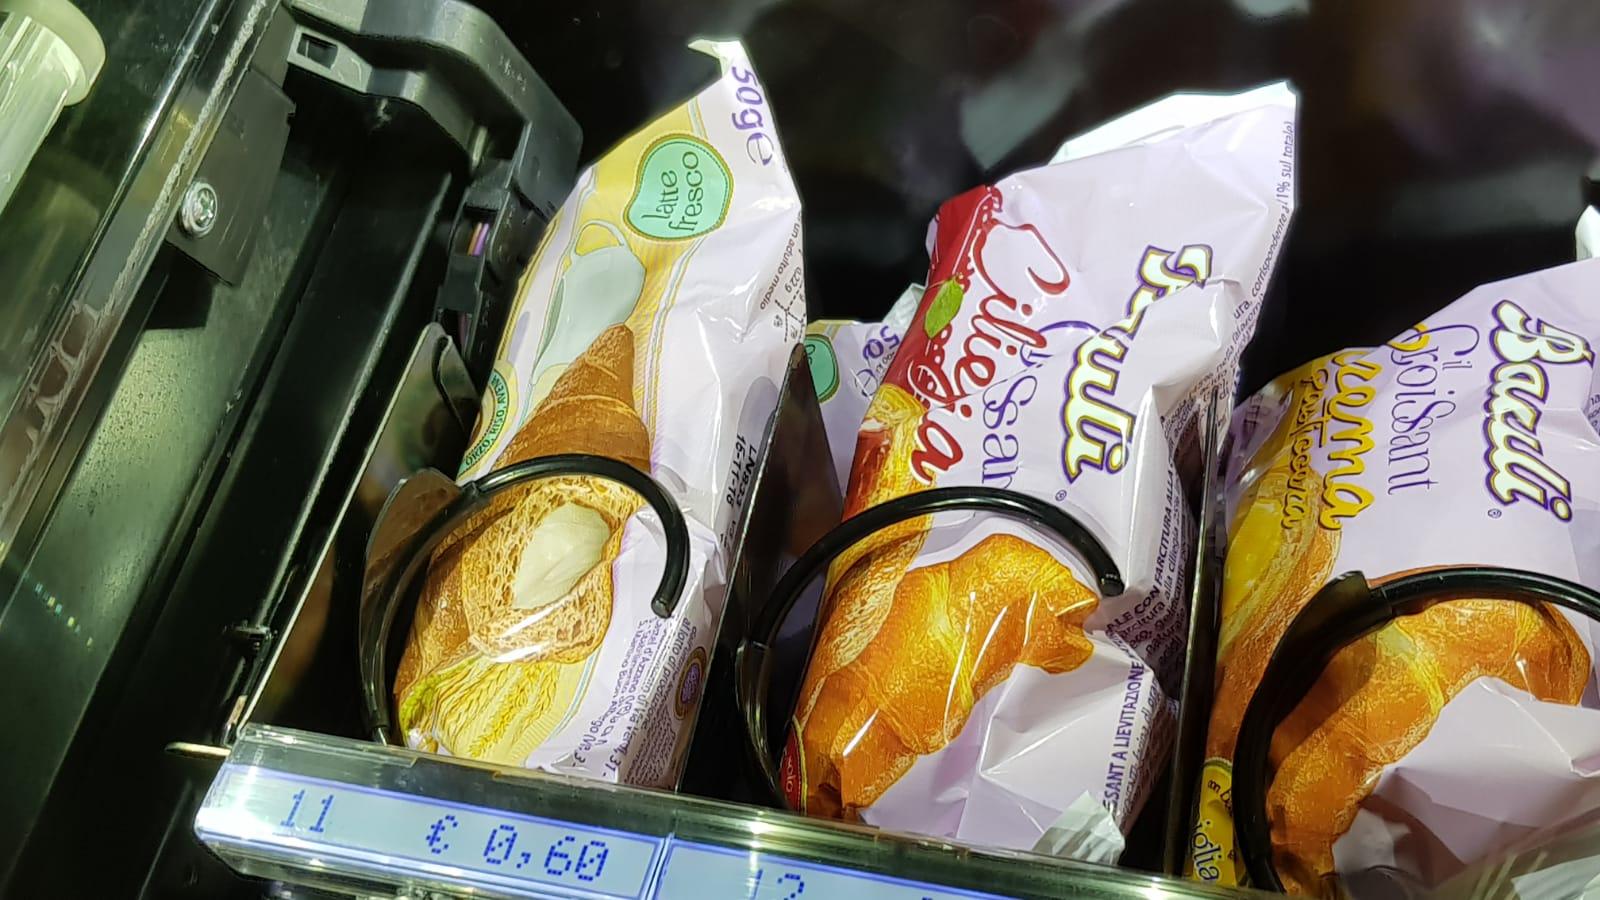 Rischio salmonella: dopo i croissant Bauli anche salsicce e barrette proteiche